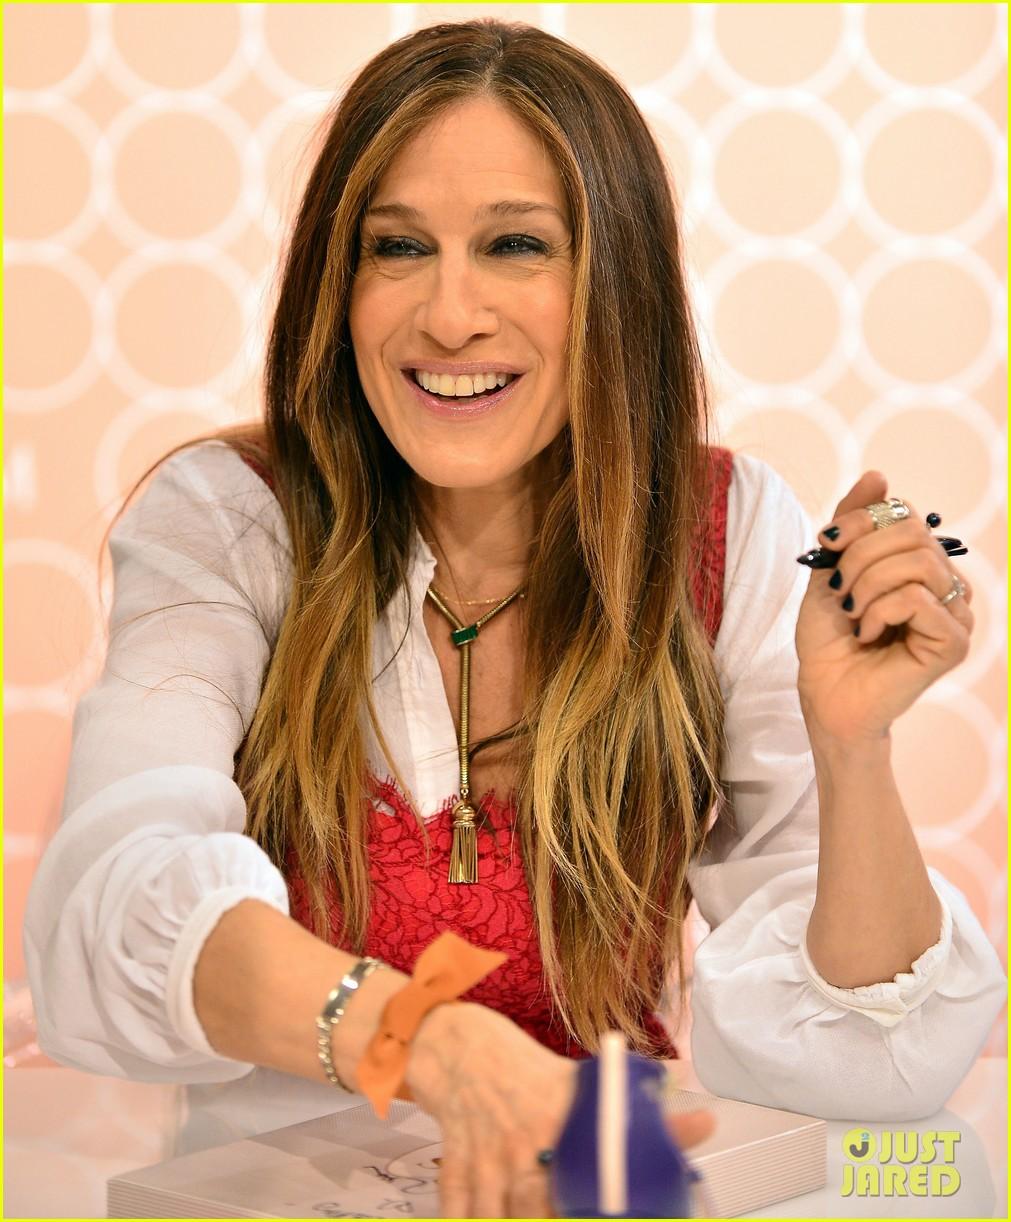 sarah jessica parker promotes her shoe line in florida 023068711